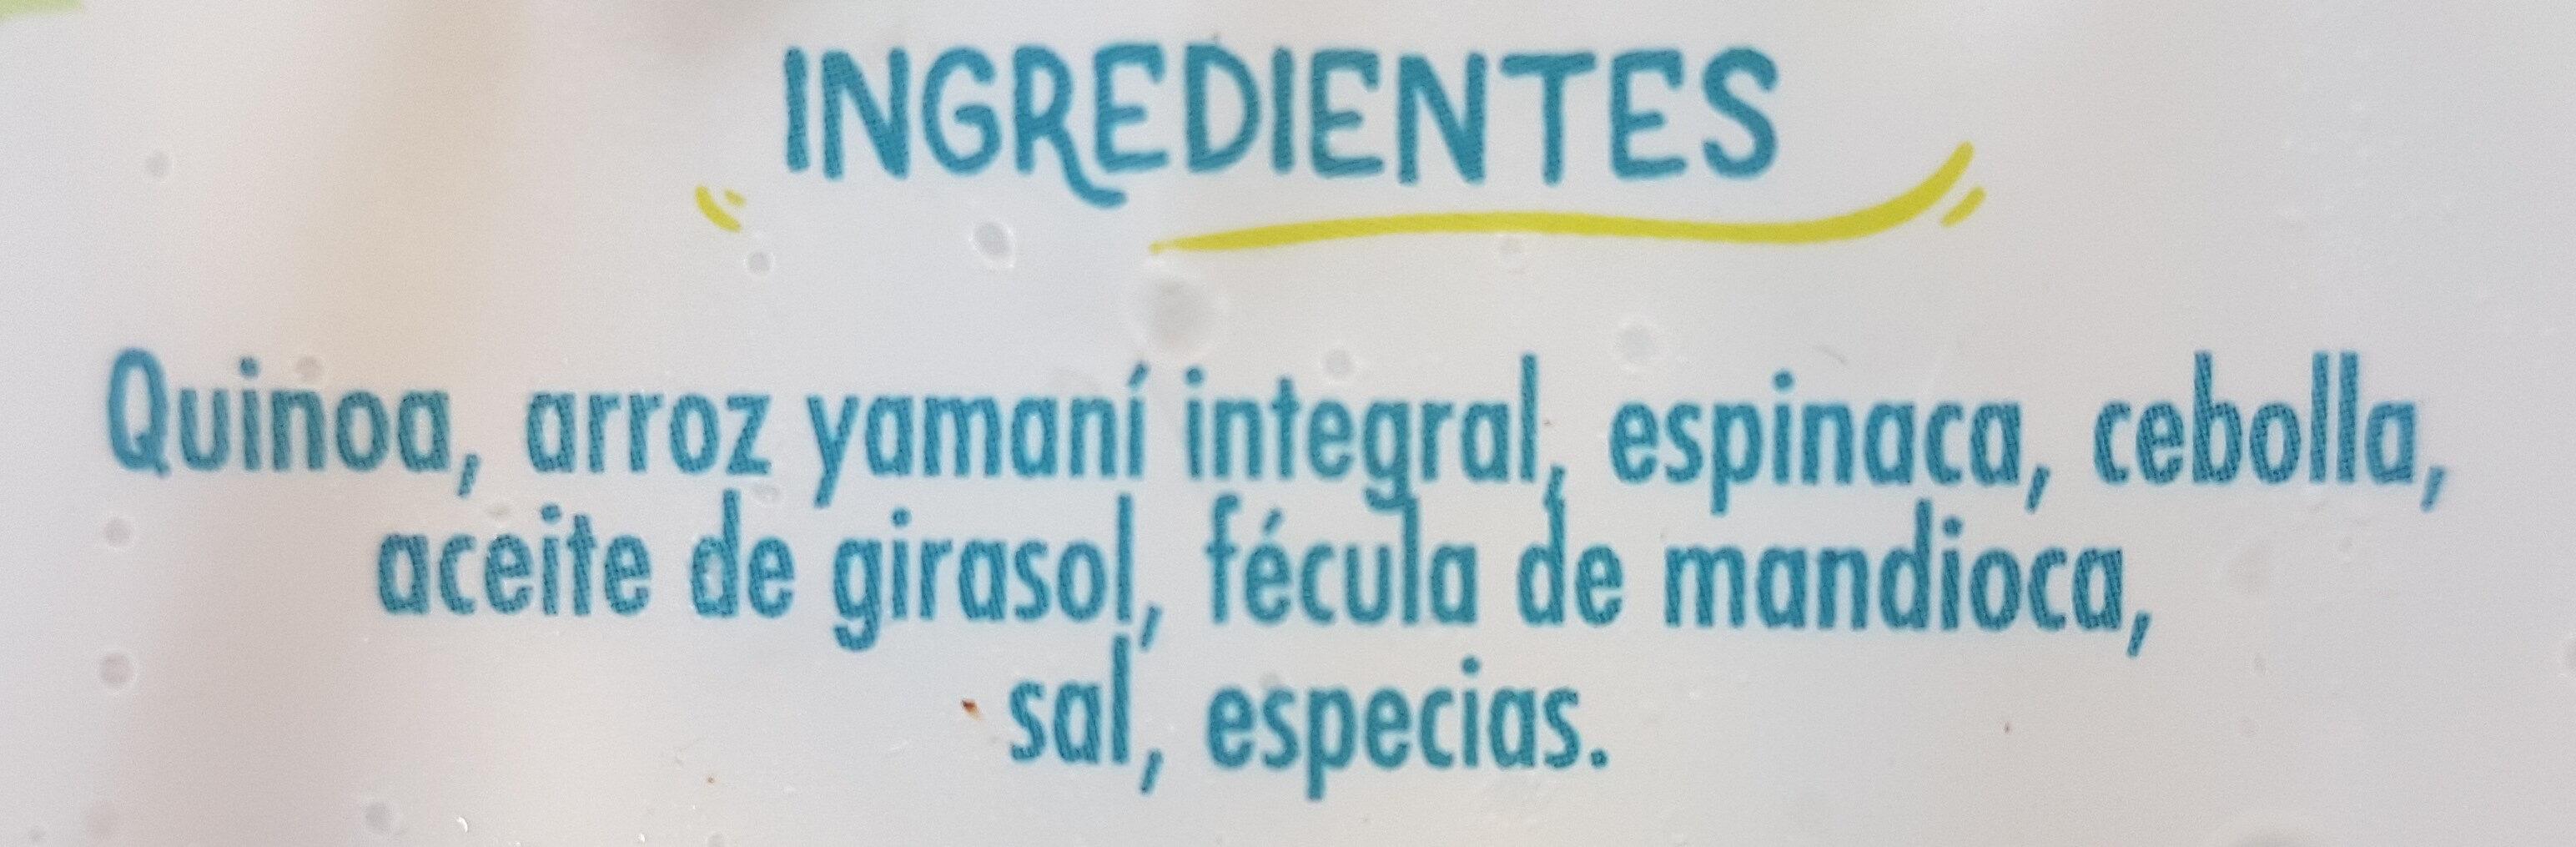 Medallones de quinoa y espinaca - Ingredients - es